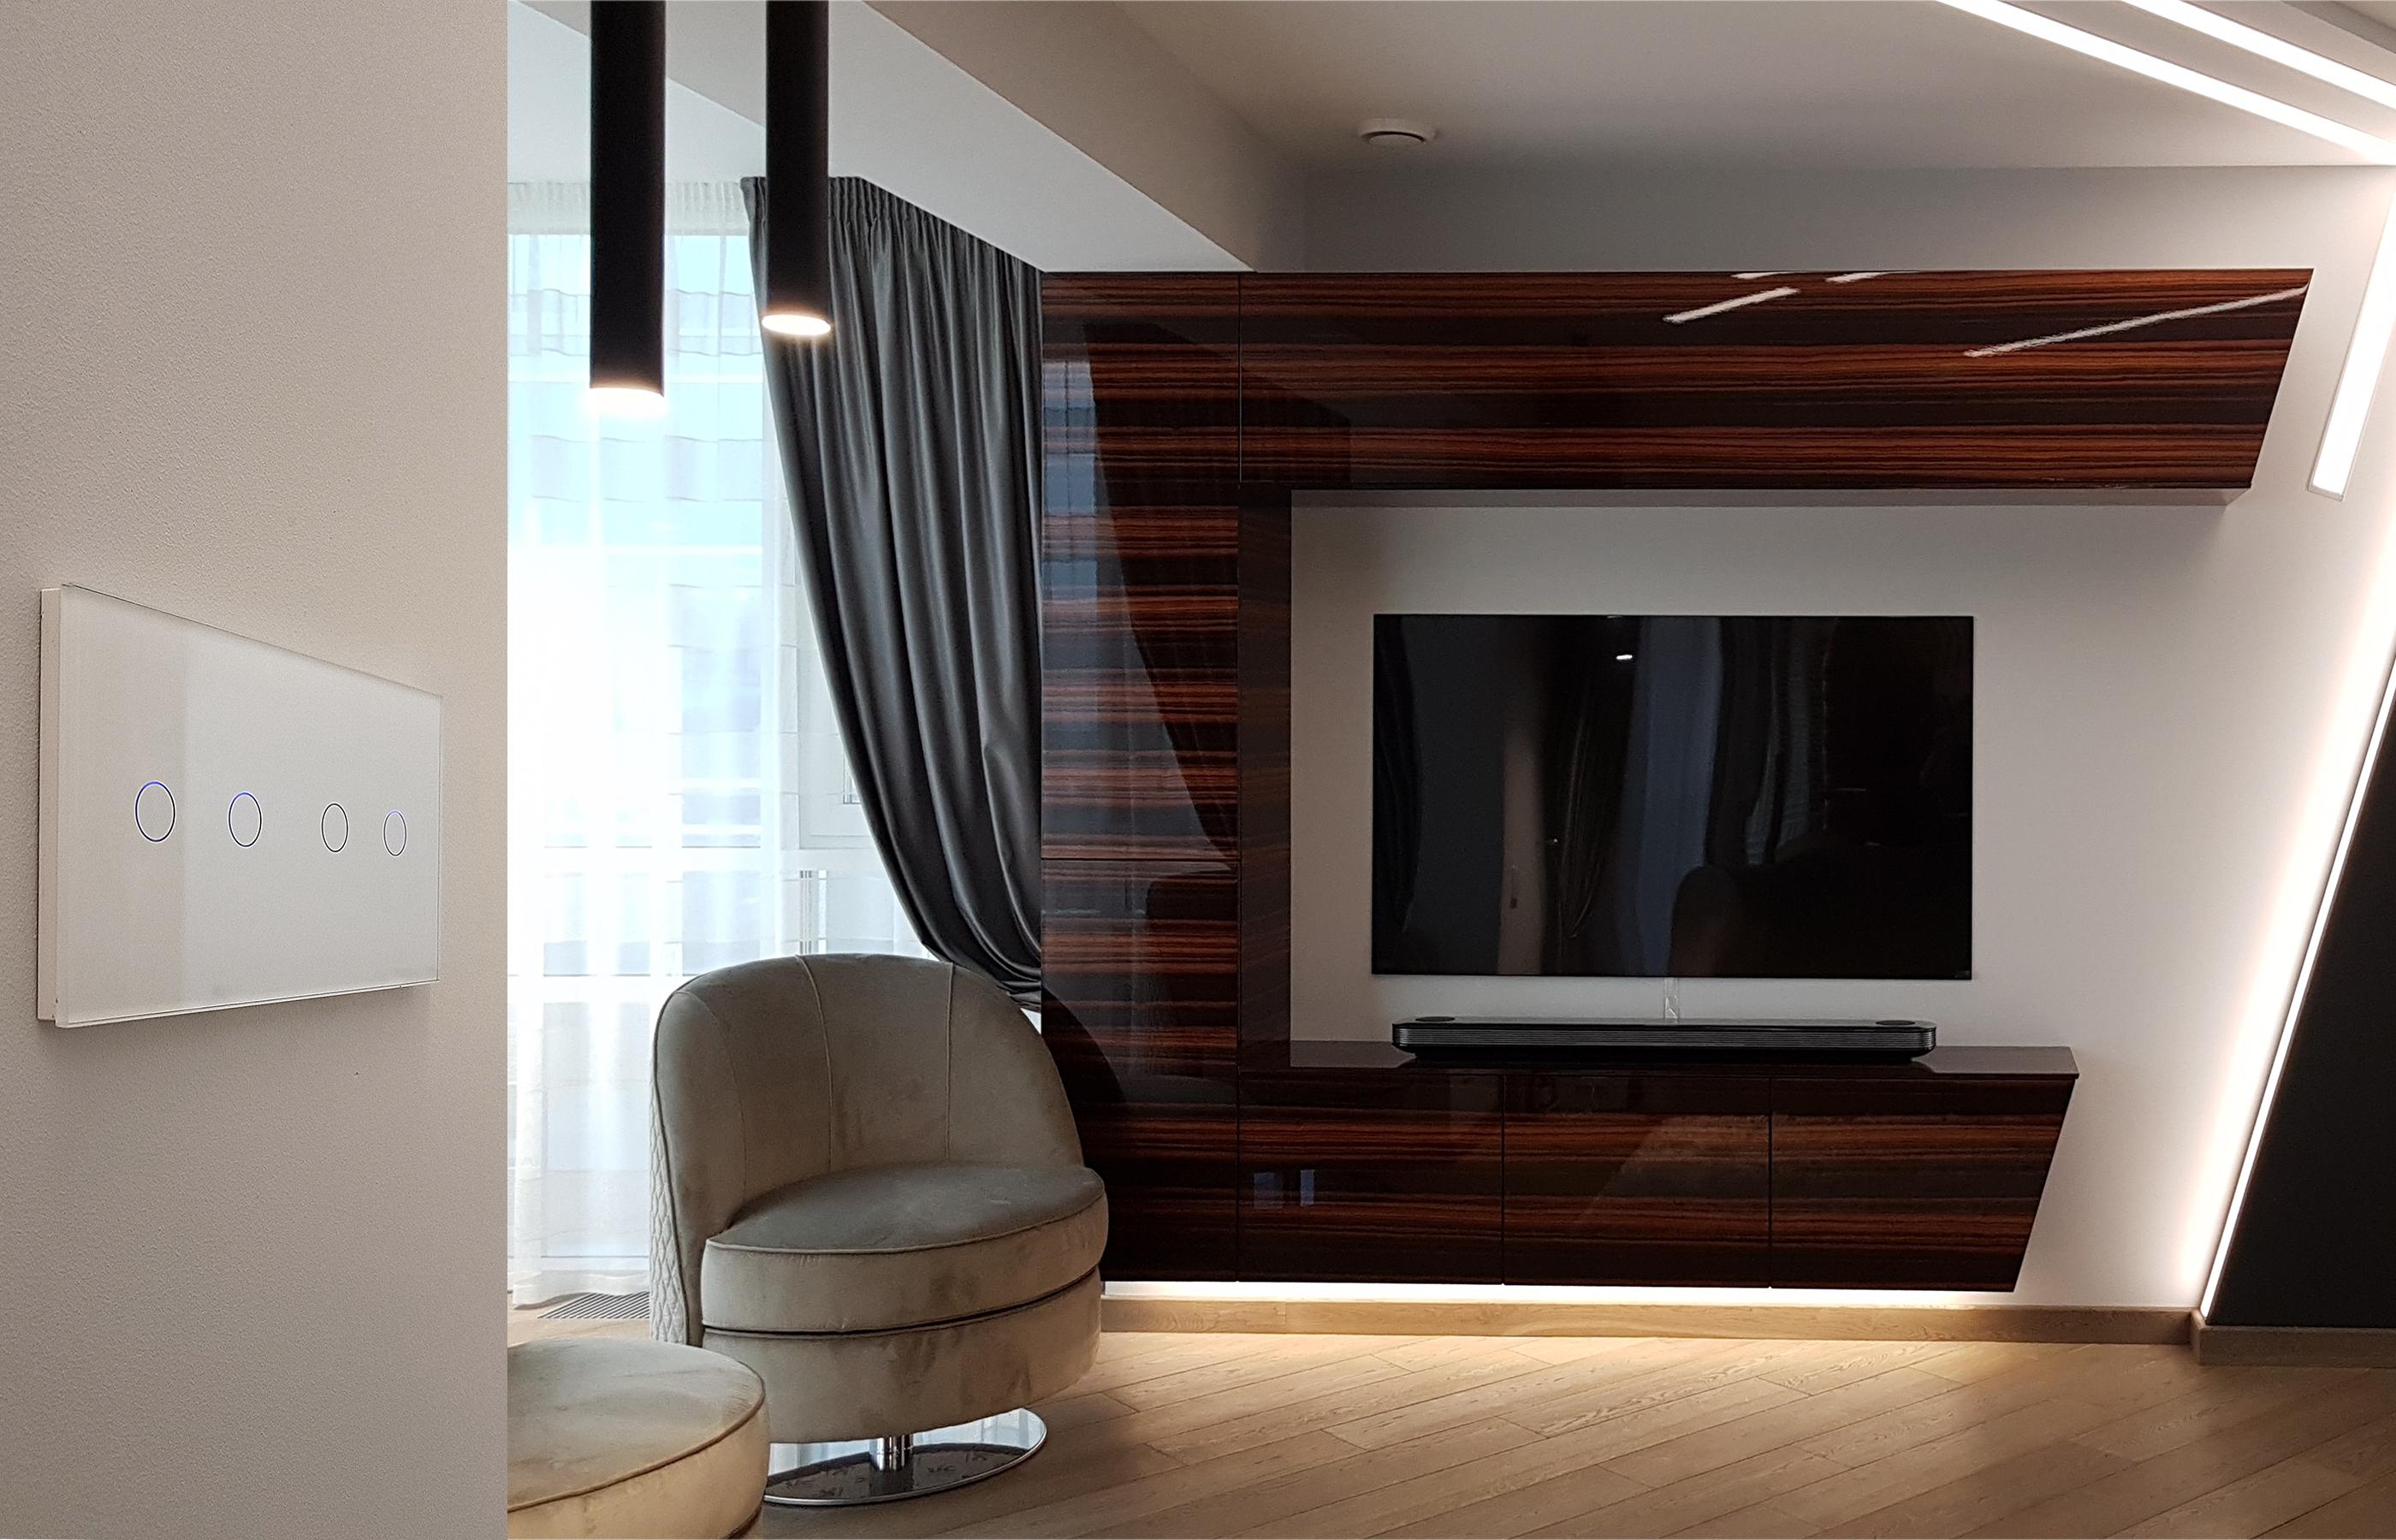 Стеклянный сенсорный выключатель и стиль минимализм созданы друг для друга